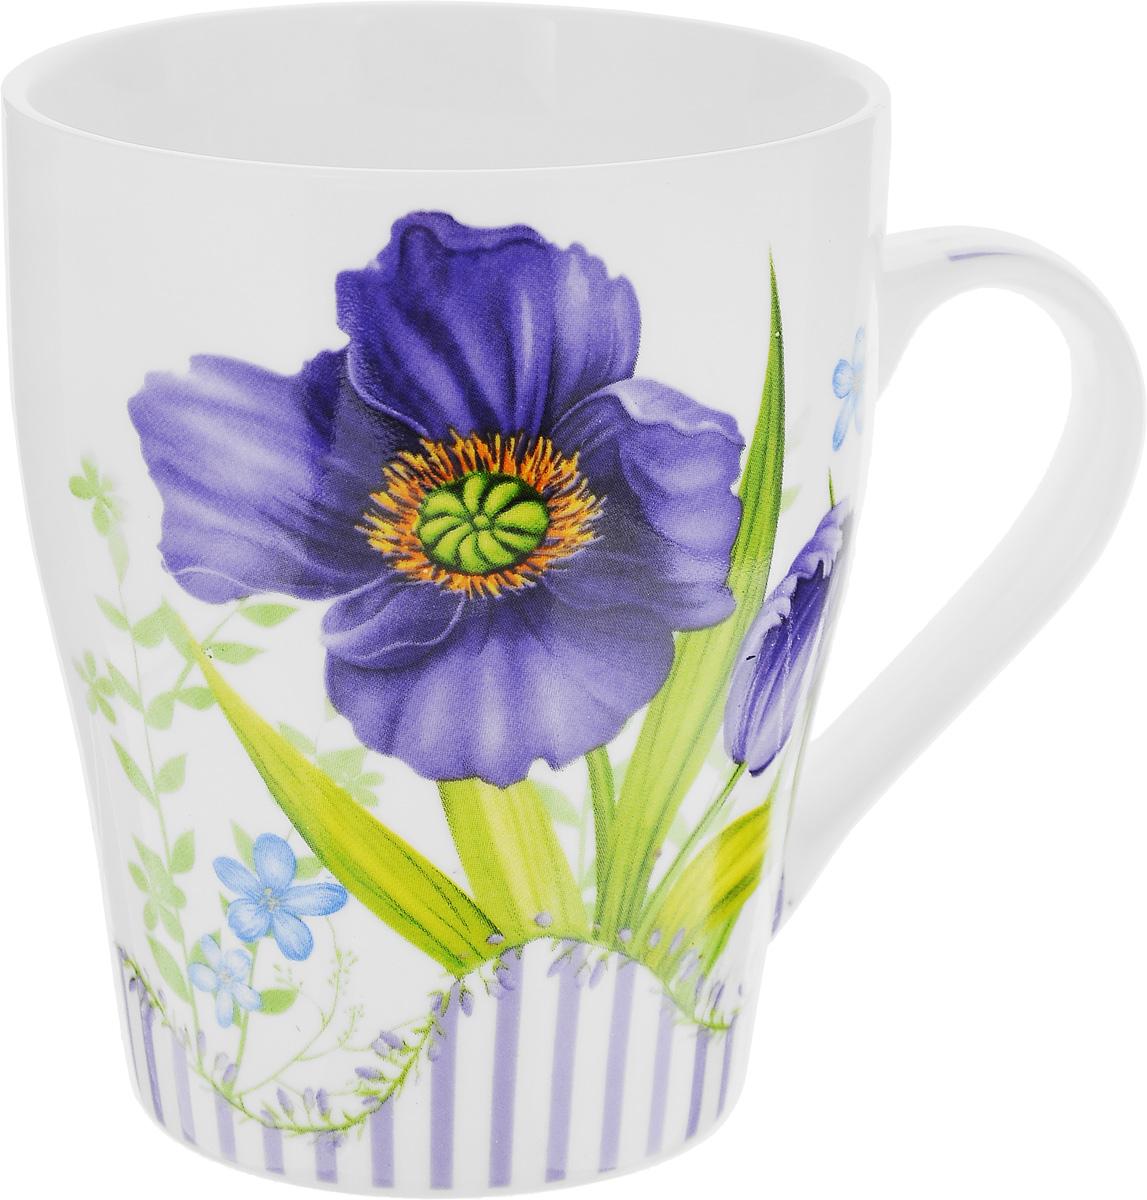 Кружка Loraine Цветок, цвет: белый, фиолетовый, зеленый, 340 мл24466_фиолетовыйКружка Loraine Цветок изготовлена извысококачественного фарфора.Изделие оформлено изображением цветов. Такаякружка станет приятнымсувениром и обязательно порадует вас и вашихблизких.Объем: 340 мл.Диаметр кружки (по верхнему краю): 8 см.Высота кружки: 10 см.